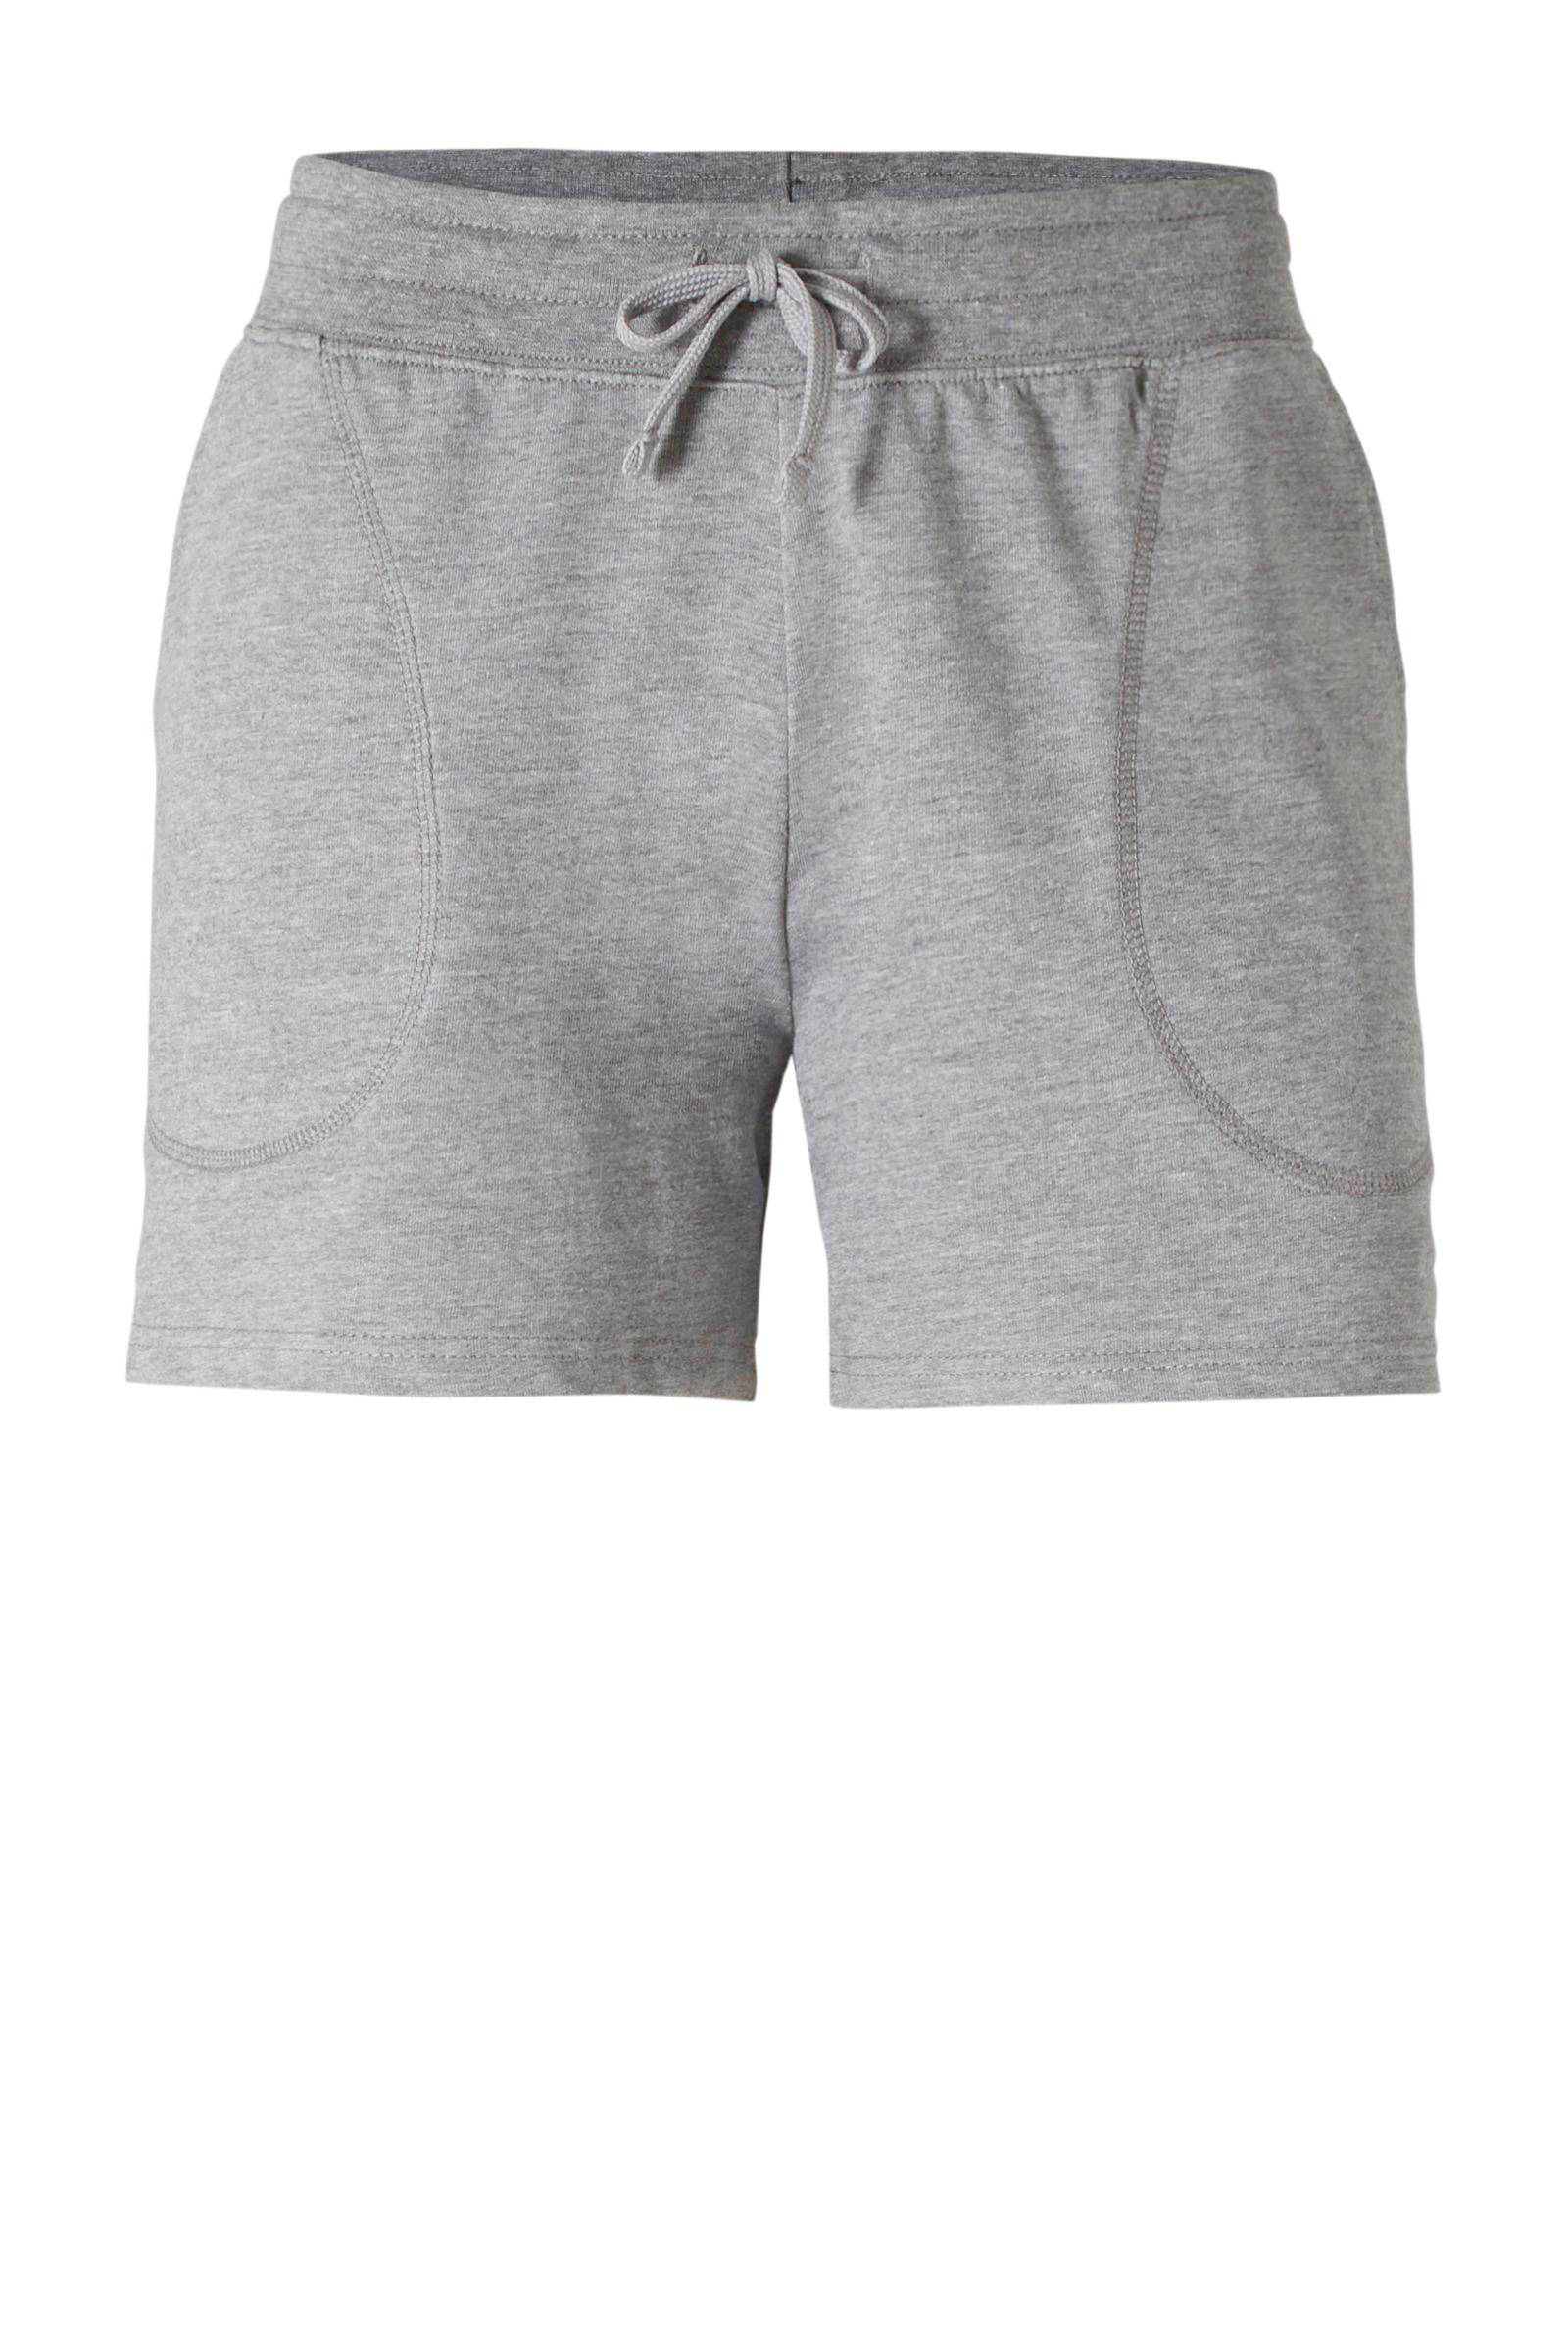 Donnay joggingshort grijs gemeleerd | wehkamp